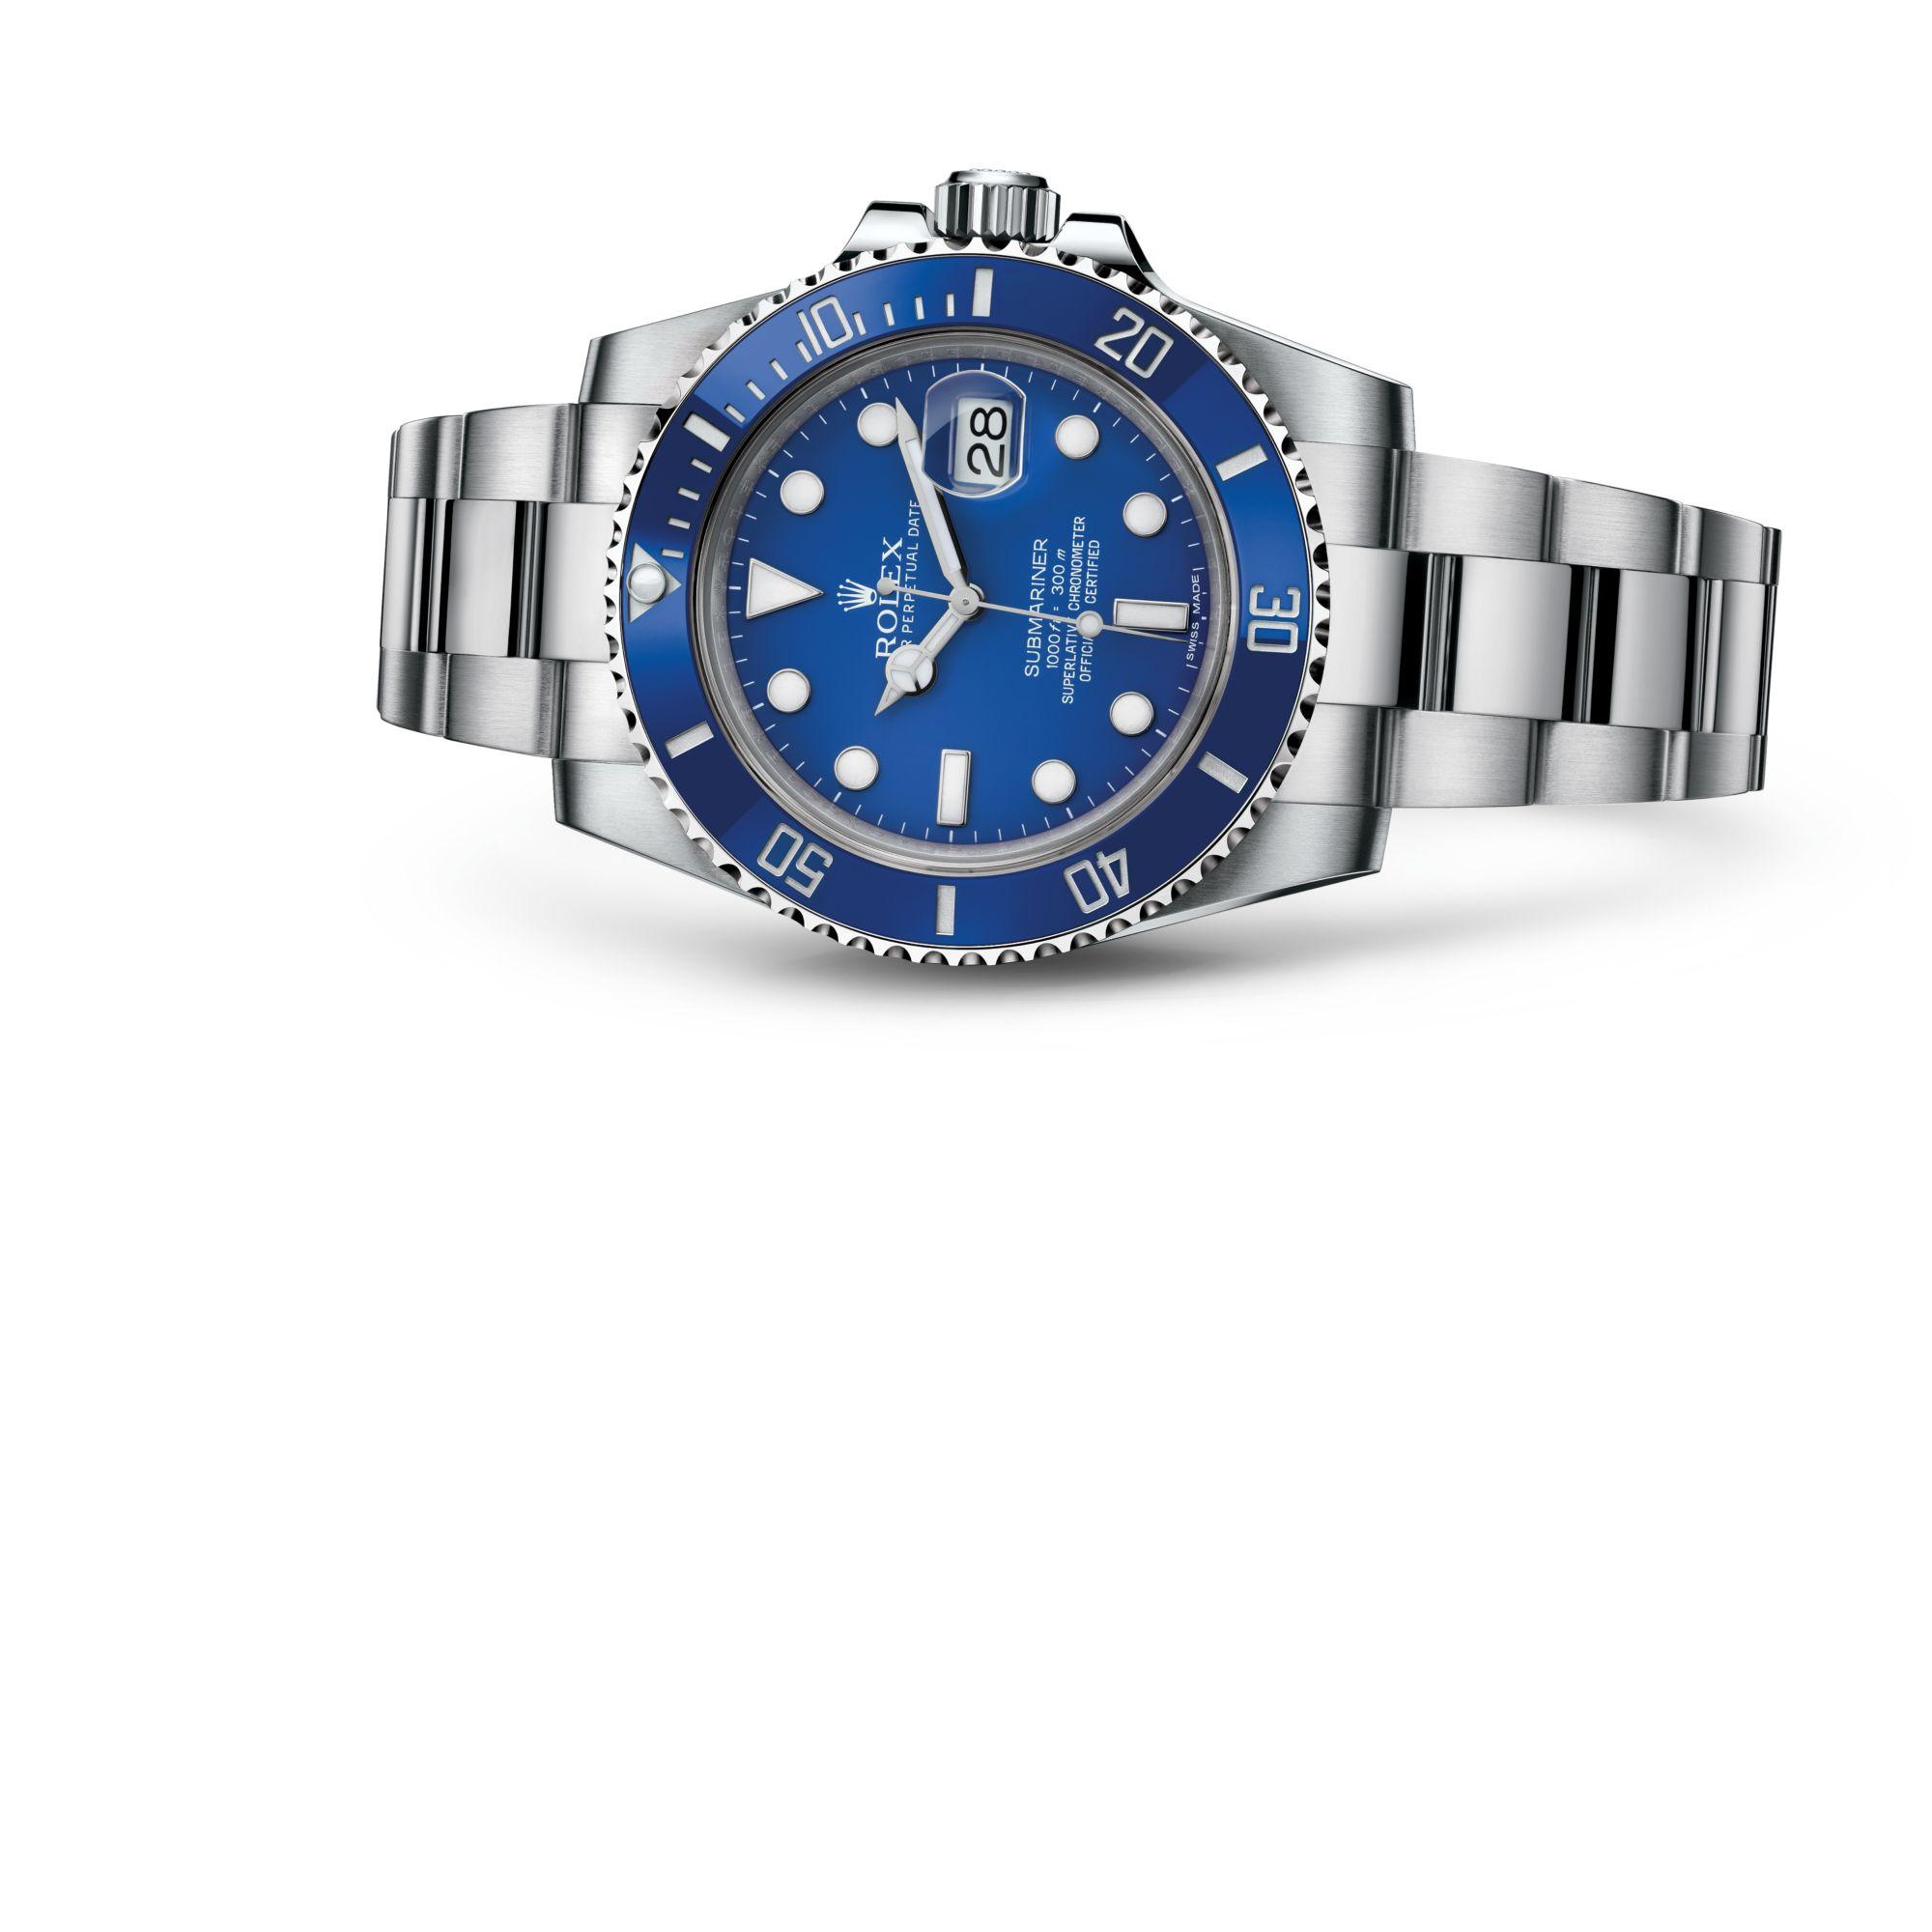 Rolex صبمارينر ديت M116619LB-0001